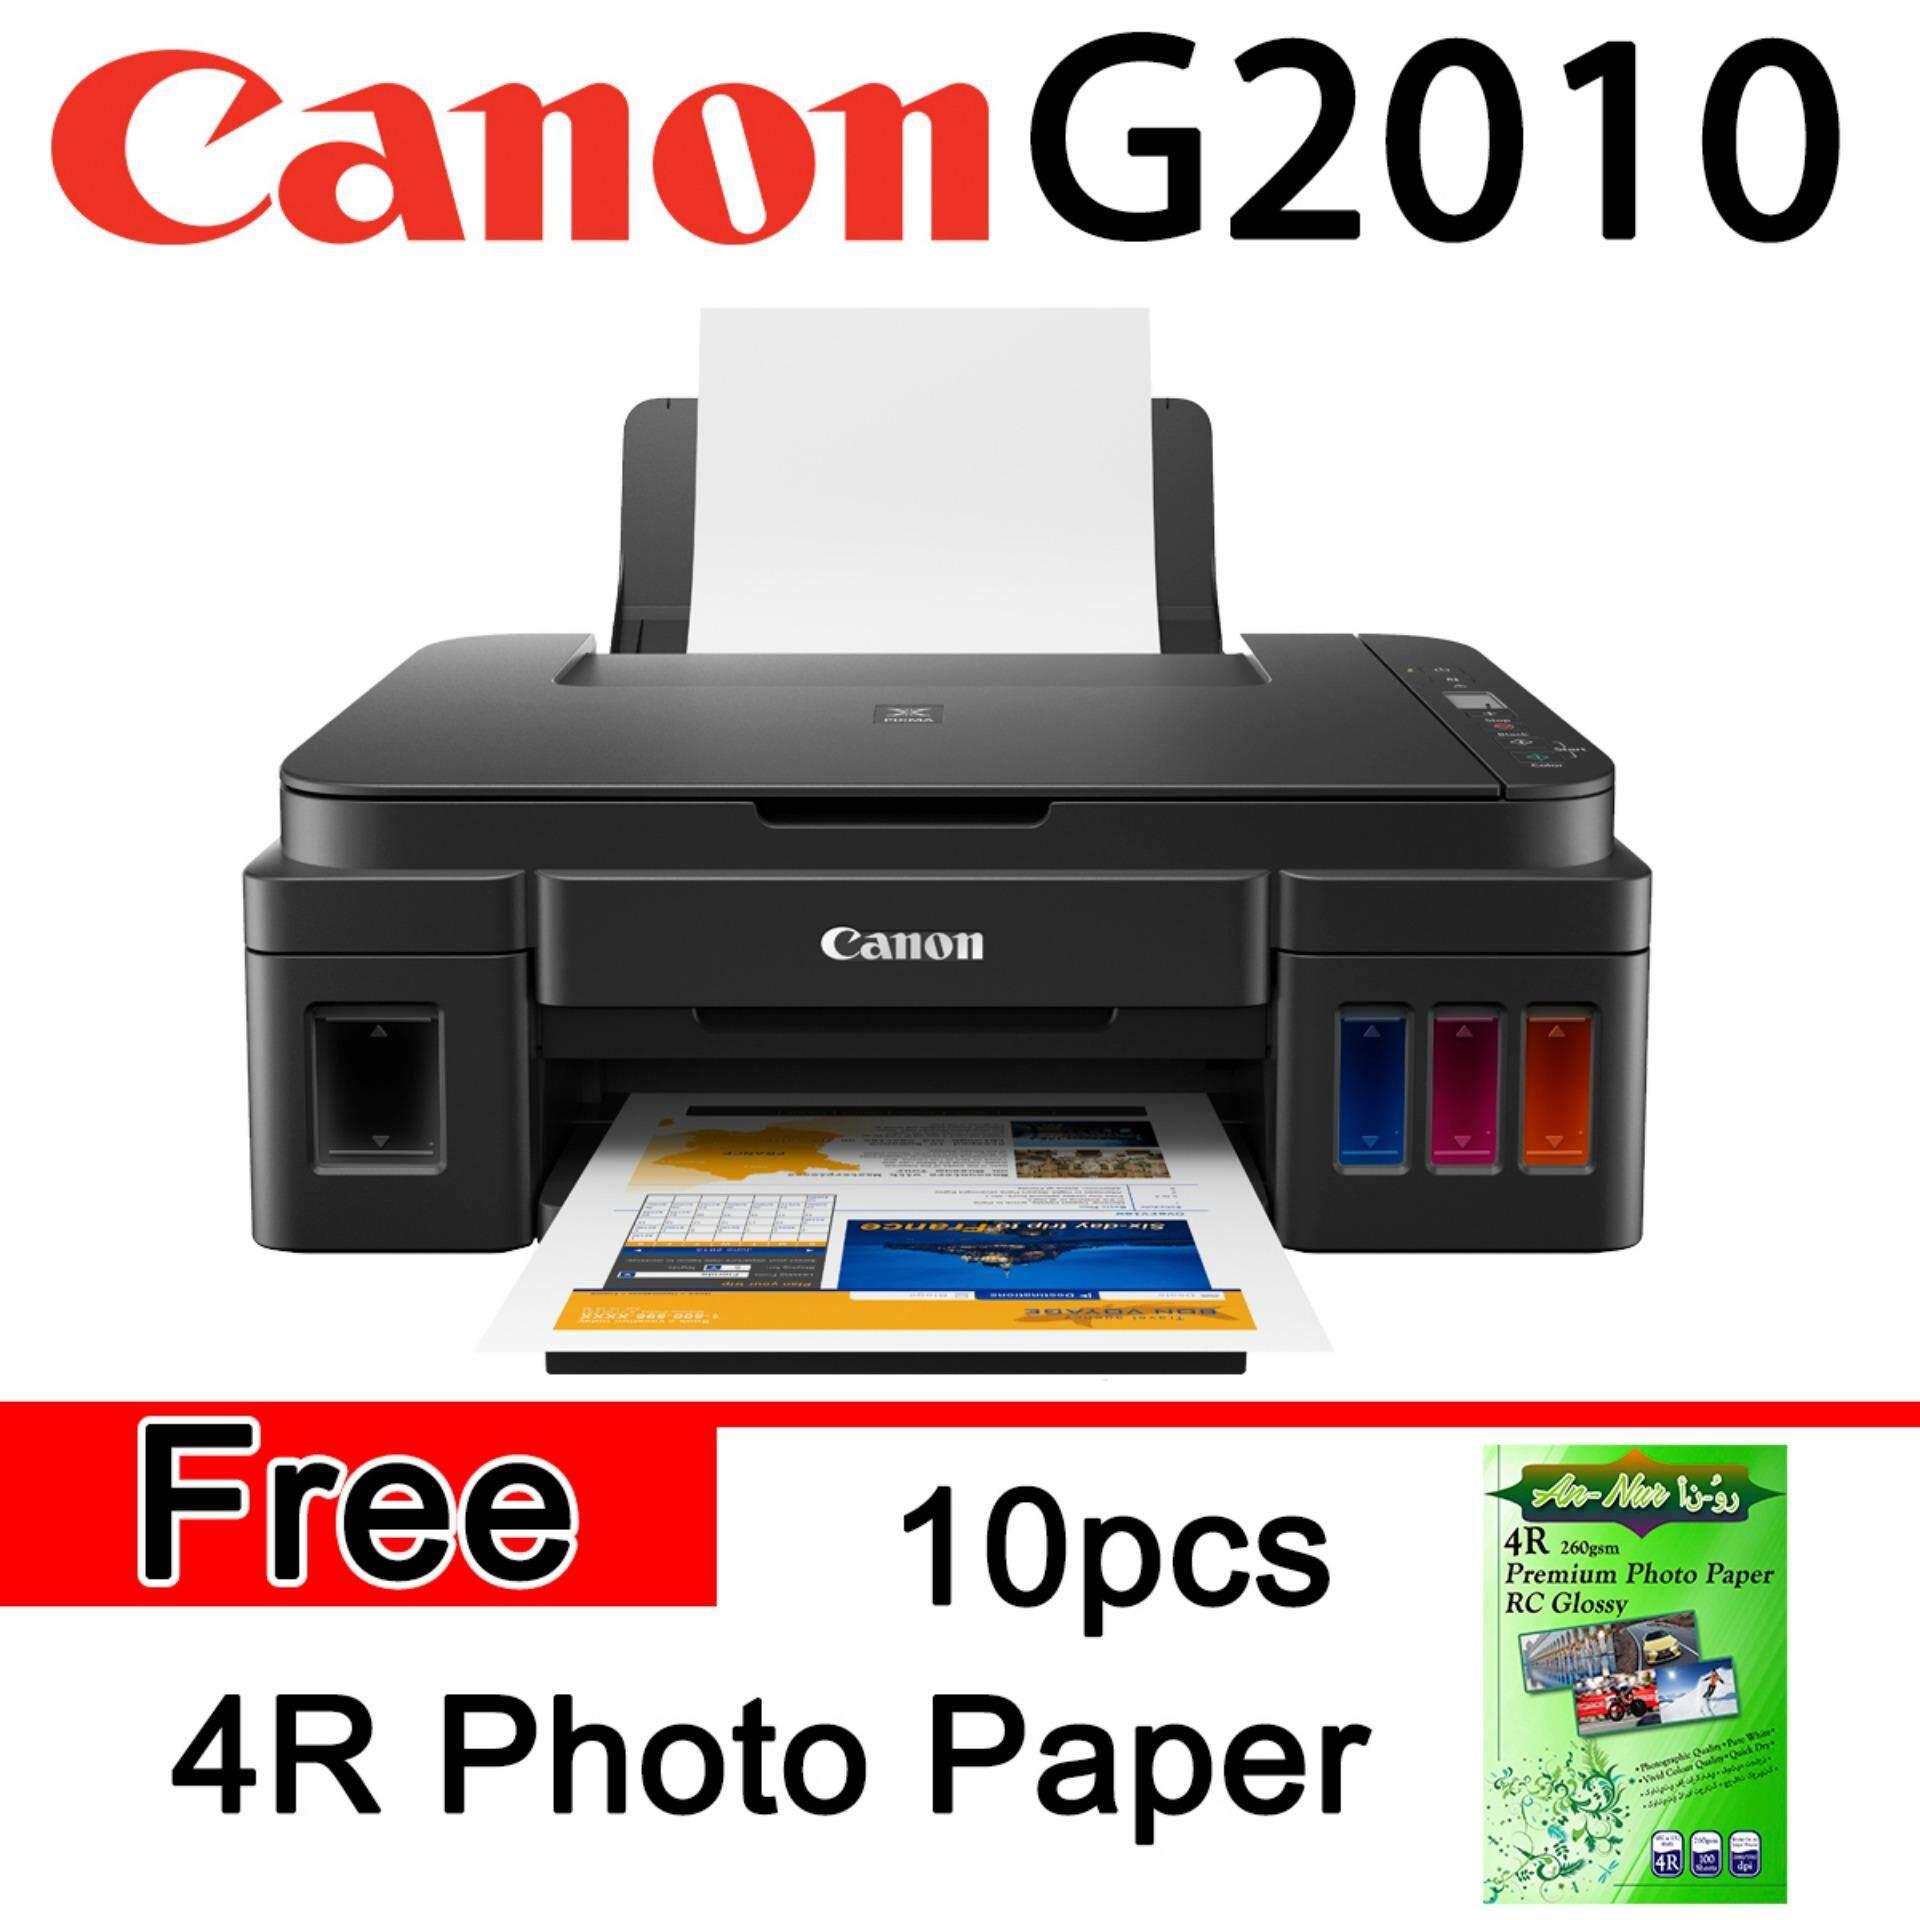 ✓Kejutan Panas !! Canon PIXMA G3010 Refillable Ink Tank